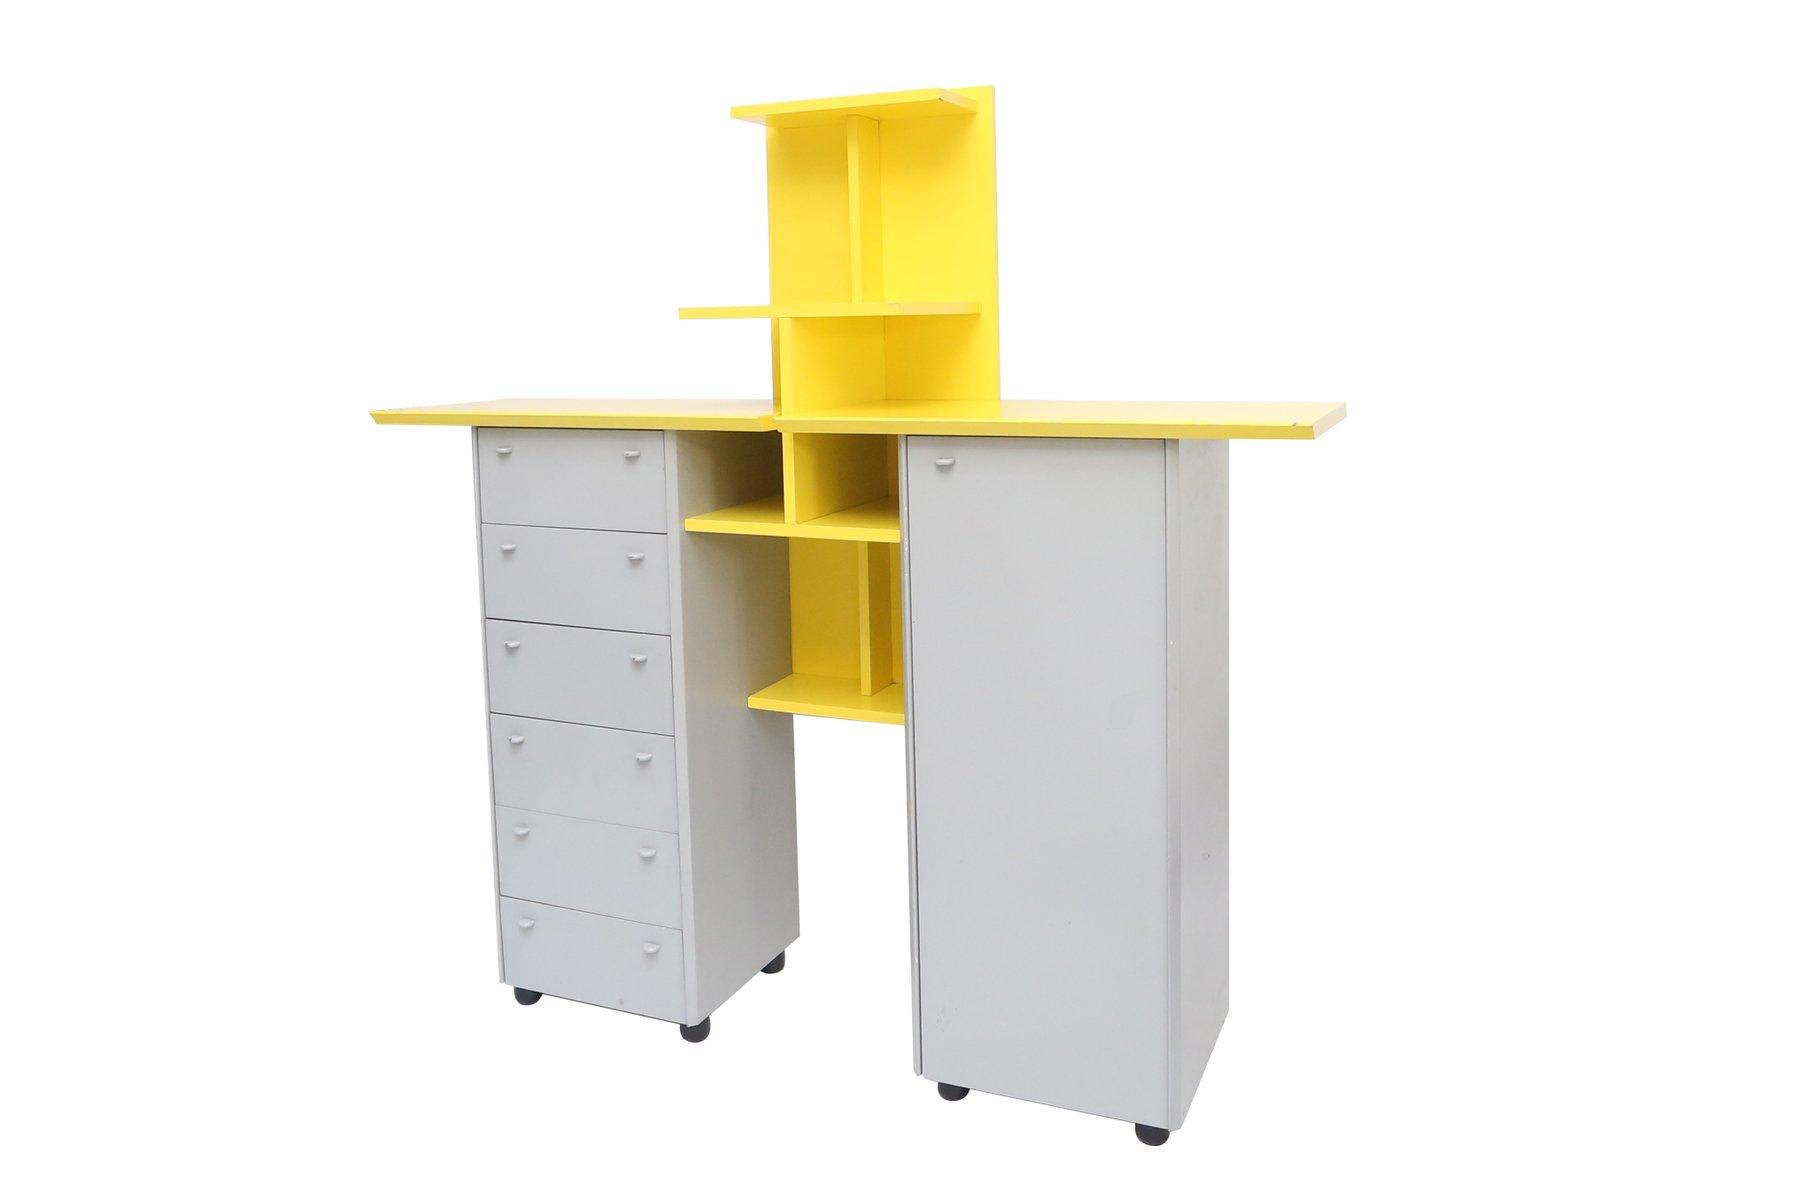 niederl ndische schrankeinheit in grau und gelb 1980er bei pamono kaufen. Black Bedroom Furniture Sets. Home Design Ideas